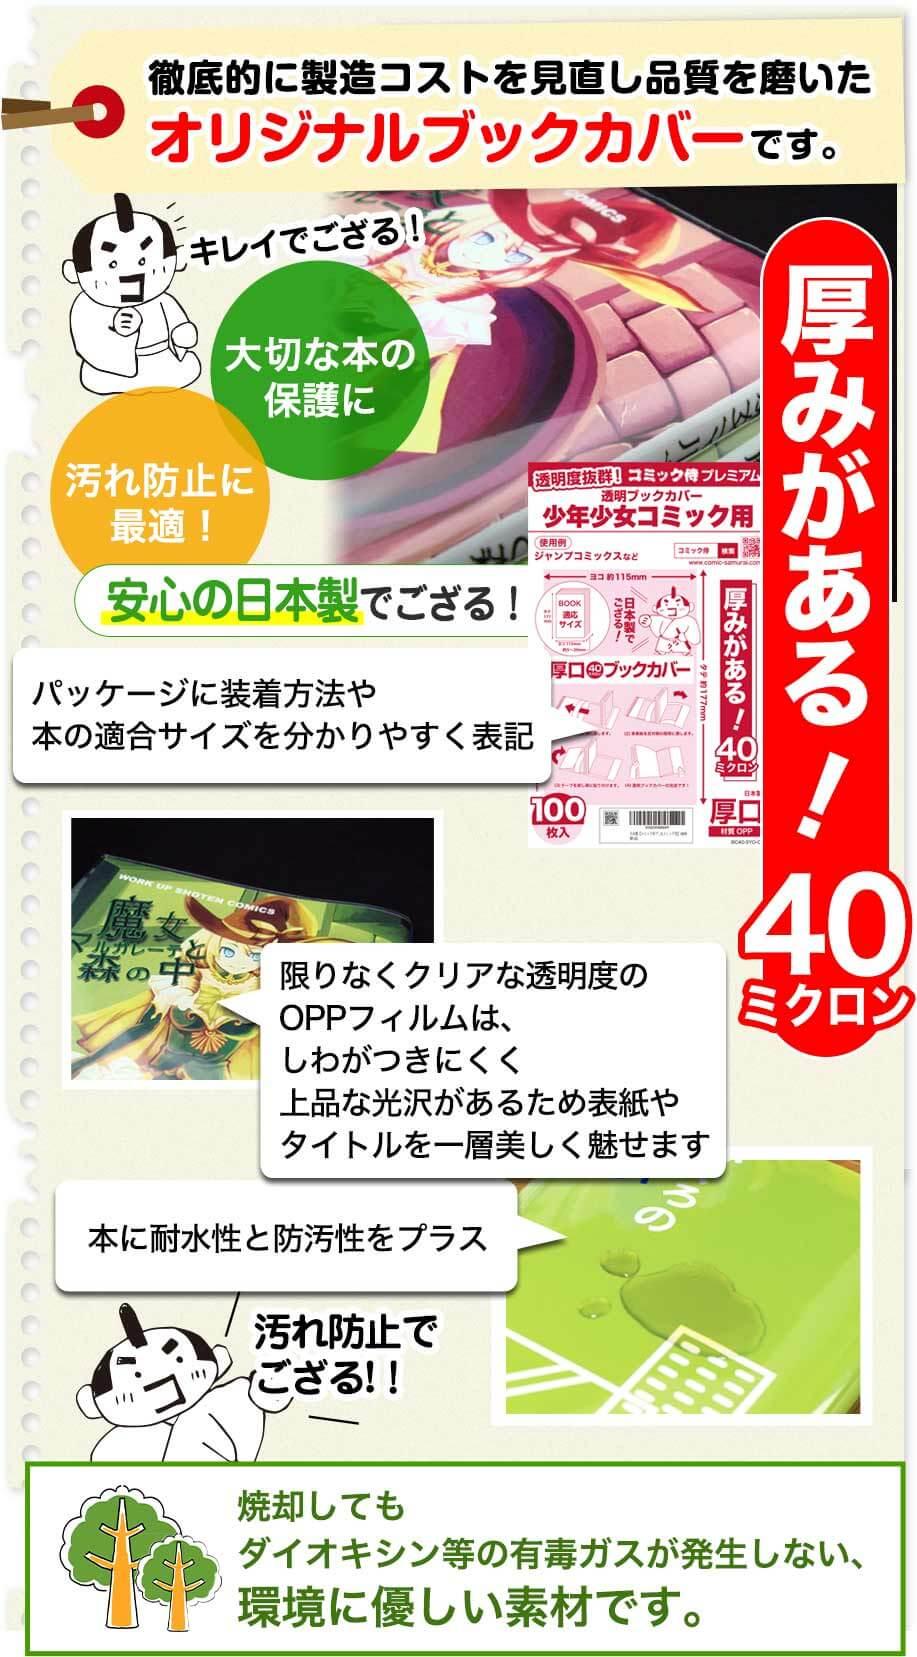 少年少女コミック用のブックカバー特徴